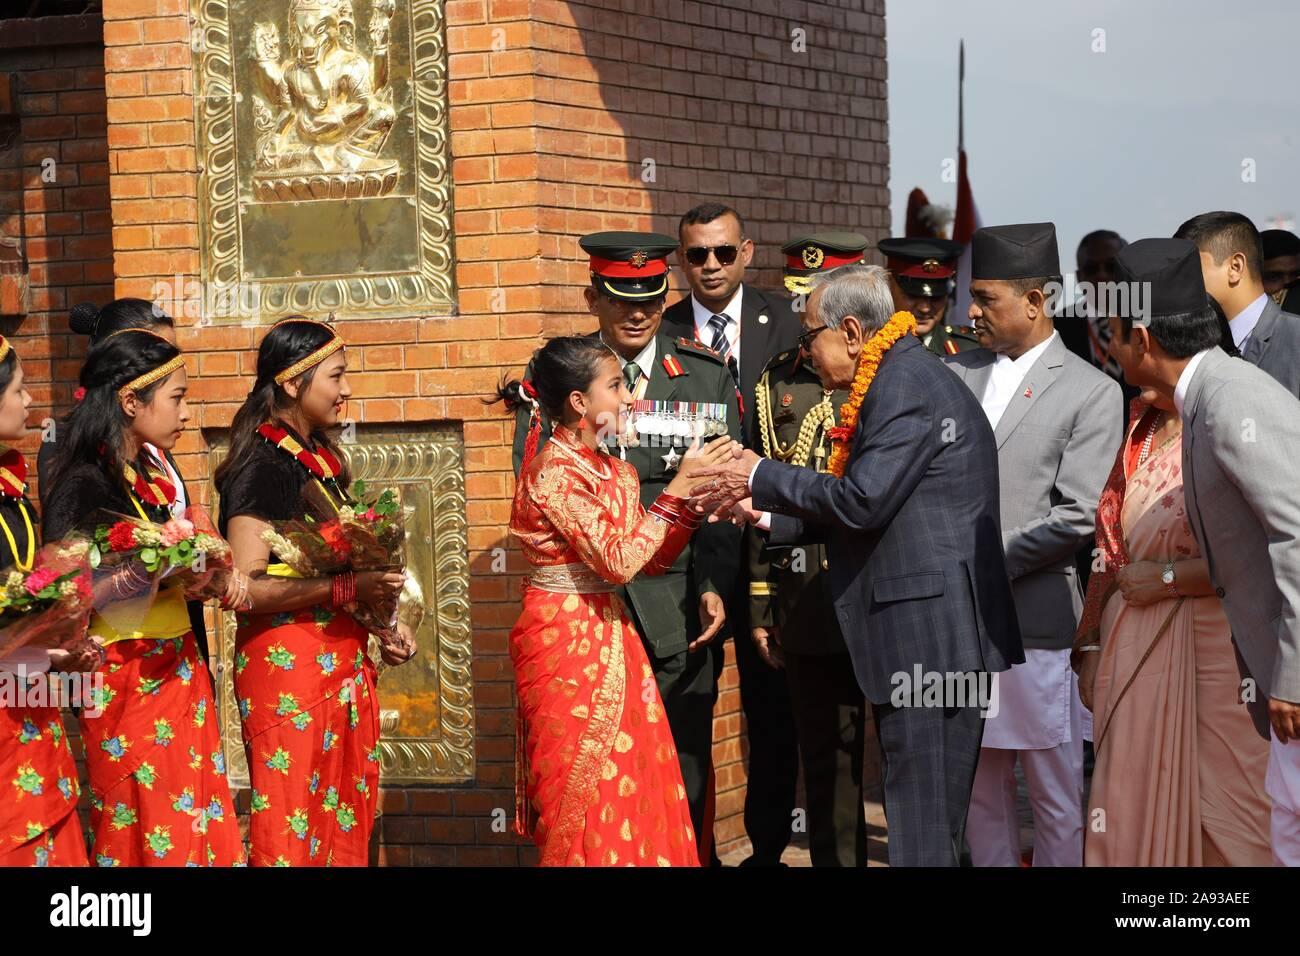 Katmandou, Népal. 12 Nov, 2019. Enfants népalais donnant à garland Président du Bangladesh, Abdul Hamid lors d'une cérémonie d'accueil à l'aéroport international de Tribhuvan, Katmandou, Népal le Mardi, Novembre 12, 2019. Le président du Bangladesh, Abdul Hamid est sur une bonne volonté officielle de quatre jours à visiter le Népal à l'invitation du président du Népal Bidhya Devi Bhandari. (Photo by Subash Shrestha/Pacific Press) Credit: Pacific Press Agency/Alamy Live News Banque D'Images